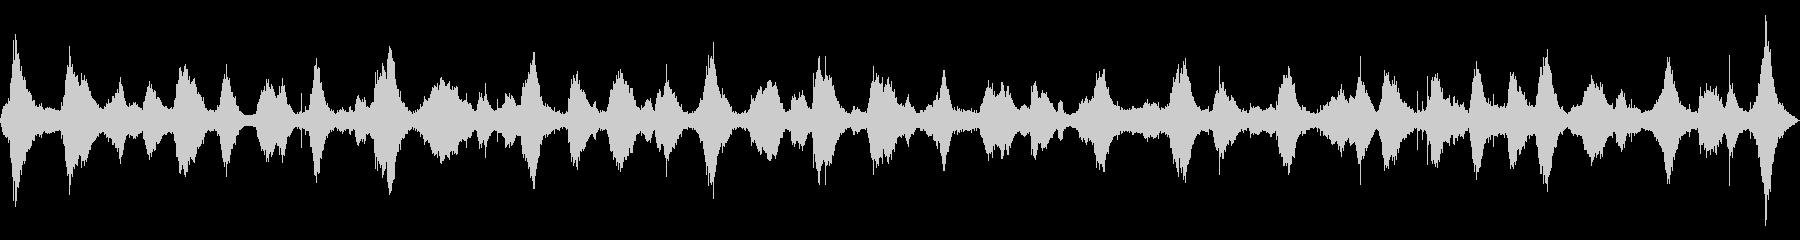 波の音 【大浜海岸、徳島、夏、夕方】の未再生の波形